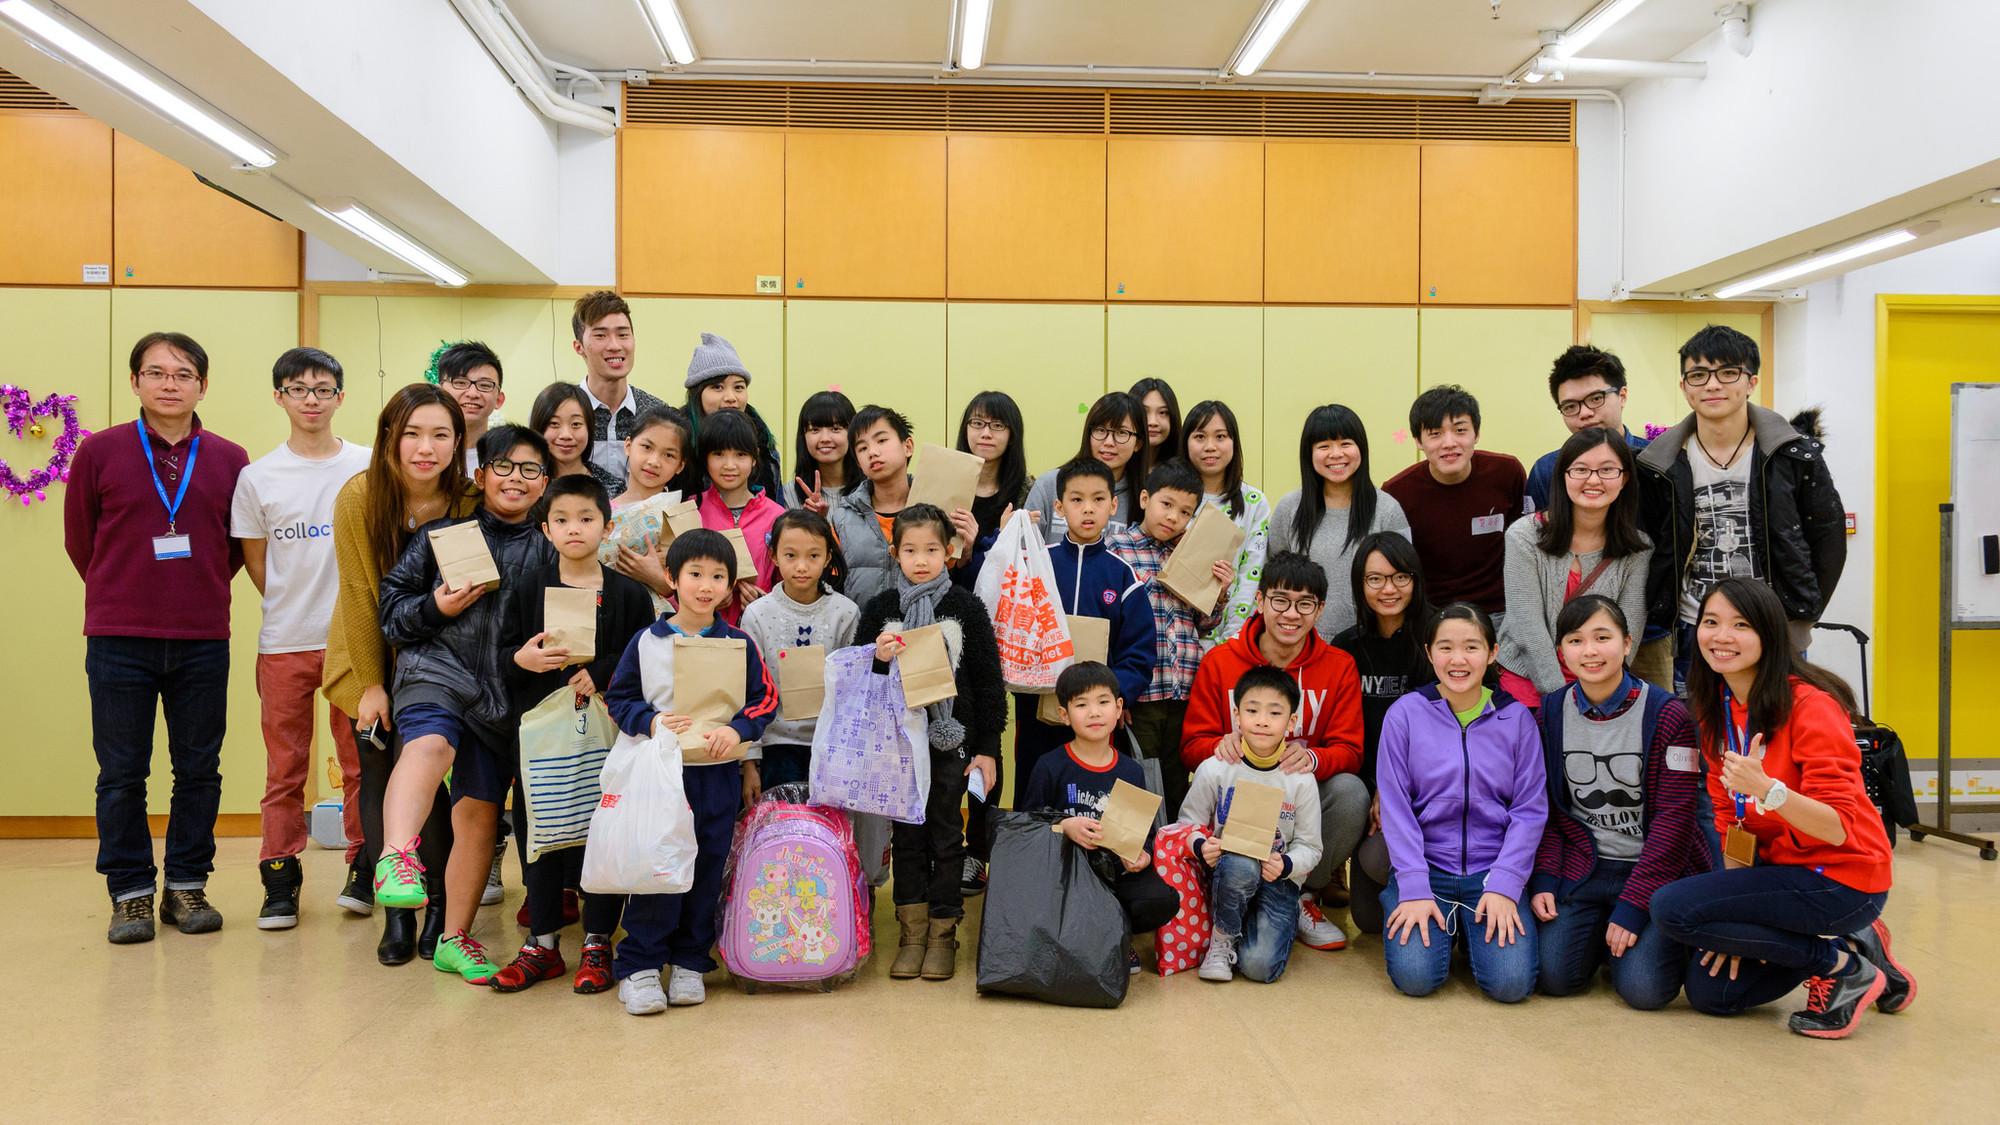 童心共享(一):一個培養小公民的年度教育項目